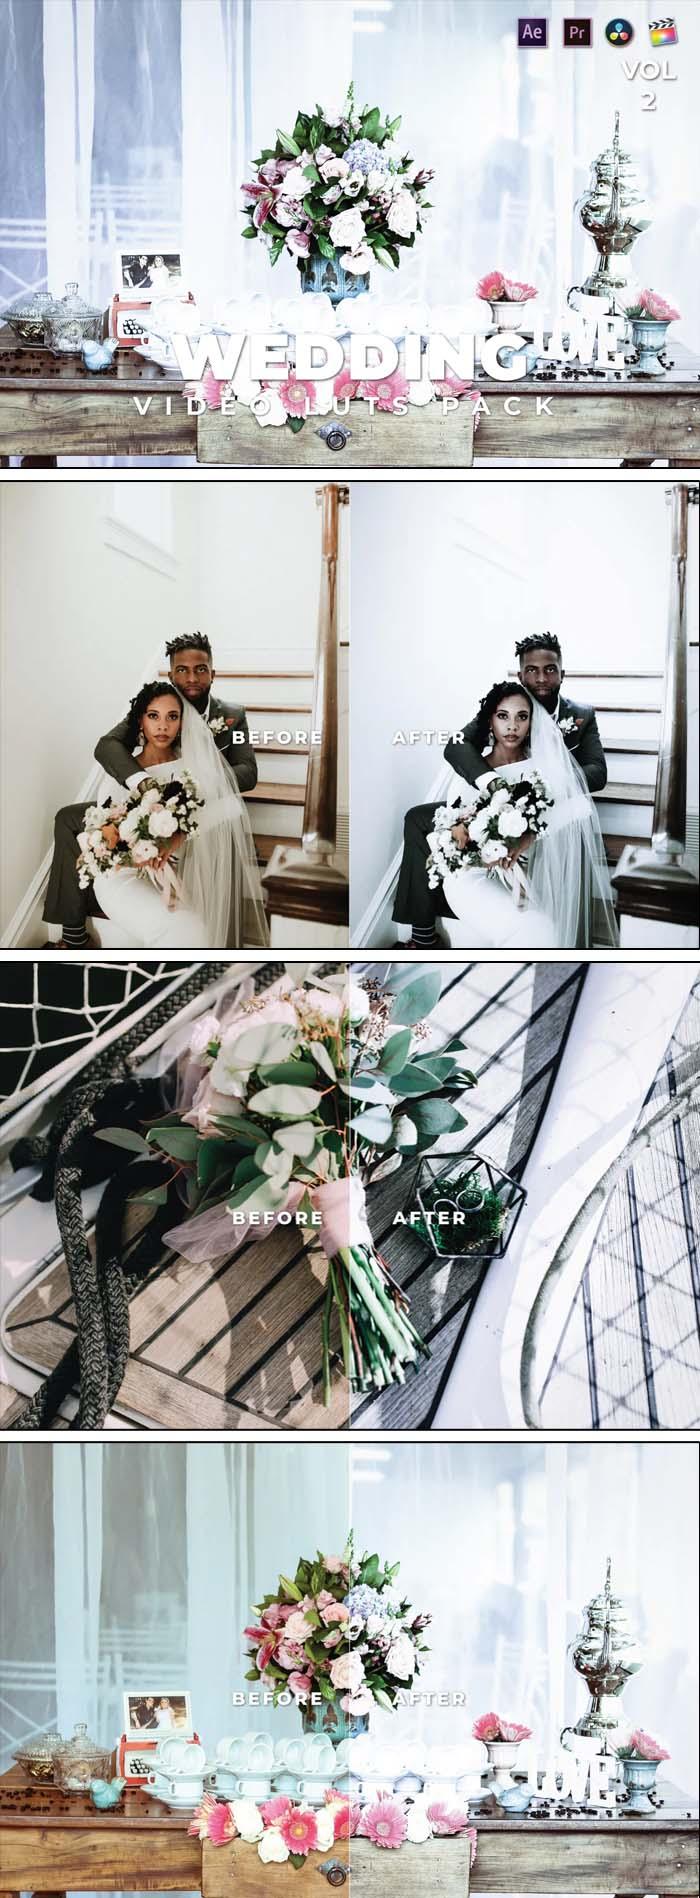 Wedding Pack Video LUTs Vol.2